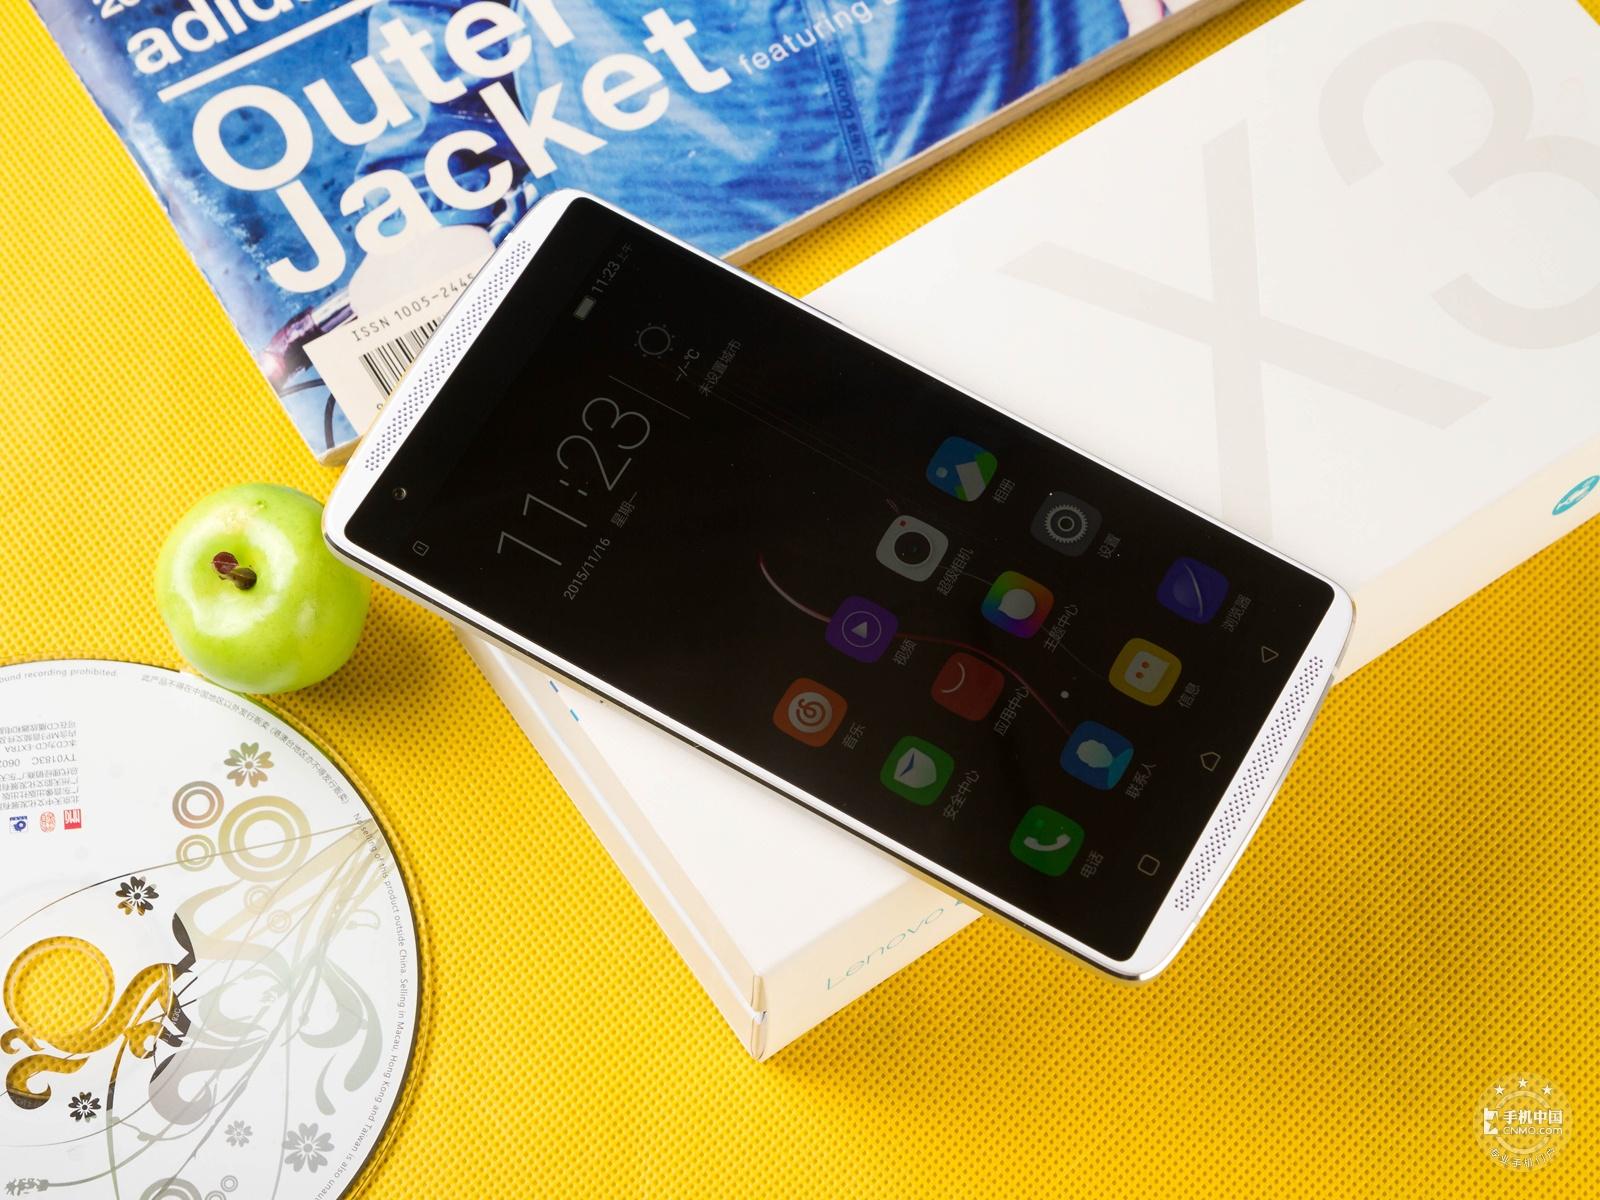 联想乐檬X3(双4G)整体外观第5张